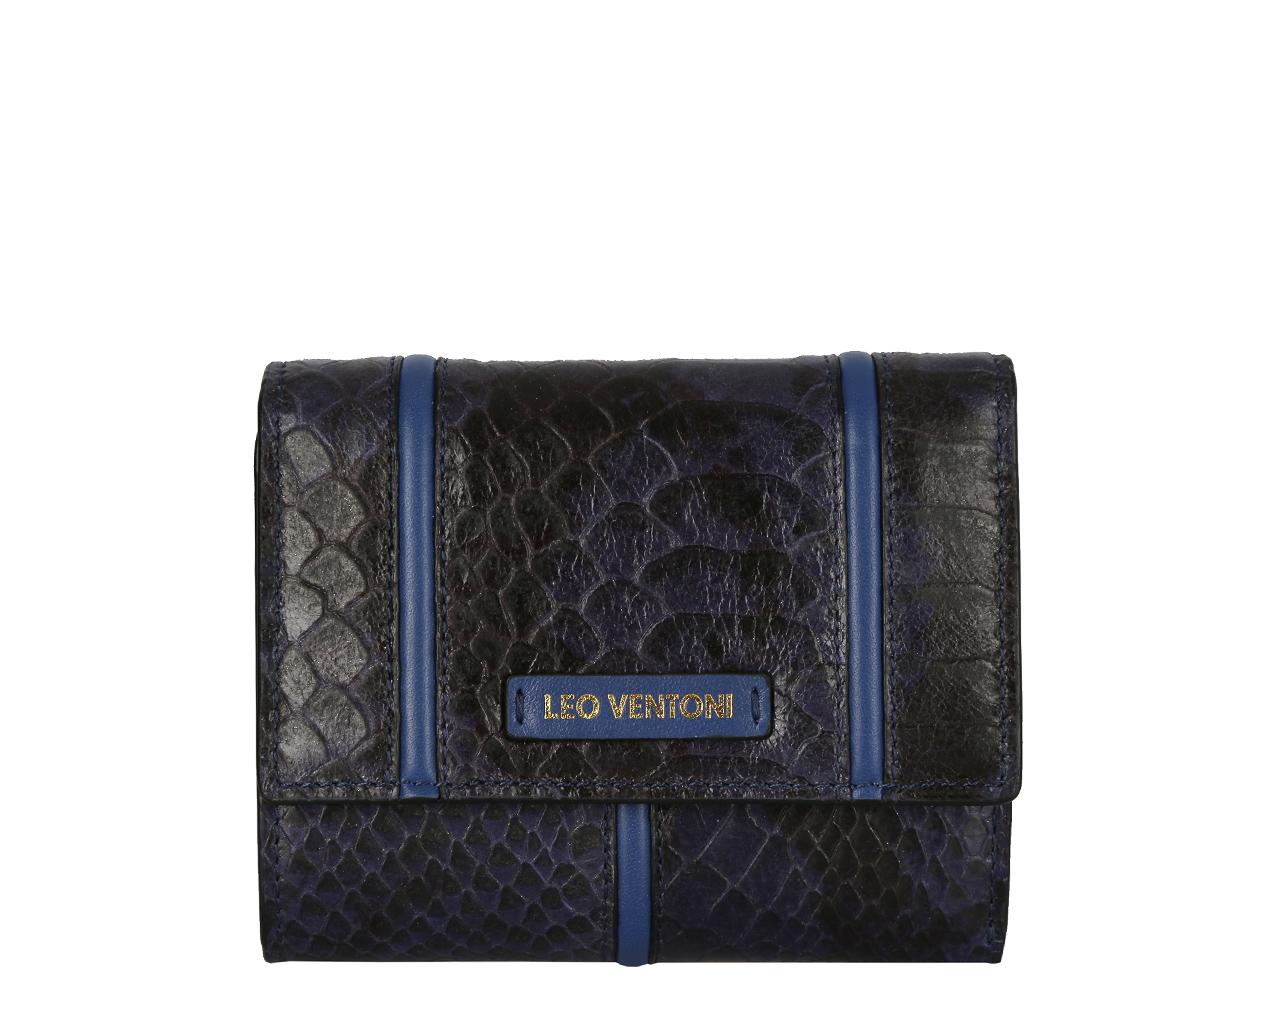 Кошелек женский Leo Ventoni, цвет: темно-синий. L330785L330785 blue pitoneЭлегантный кошелек Leo Ventoni выполнен из натуральной кожи с тиснением под питона . Внутренняя часть изделия выполнена из текстиля и натуральной кожи. Изделие раскладывается и закрывается на застежку-кнопку. Внутри расположены отделение для купюр, три боковых кармана, шесть карманов для кредитных карт. Снаружи, на тыльной стороне кошелька расположен врезной карман на застежке-молнии. Изделие поставляется в фирменной коробке с логотипом бренда. Стильный кошелек Leo Ventoni станет отличным подарком для человека, ценящего качественные и практичные вещи.